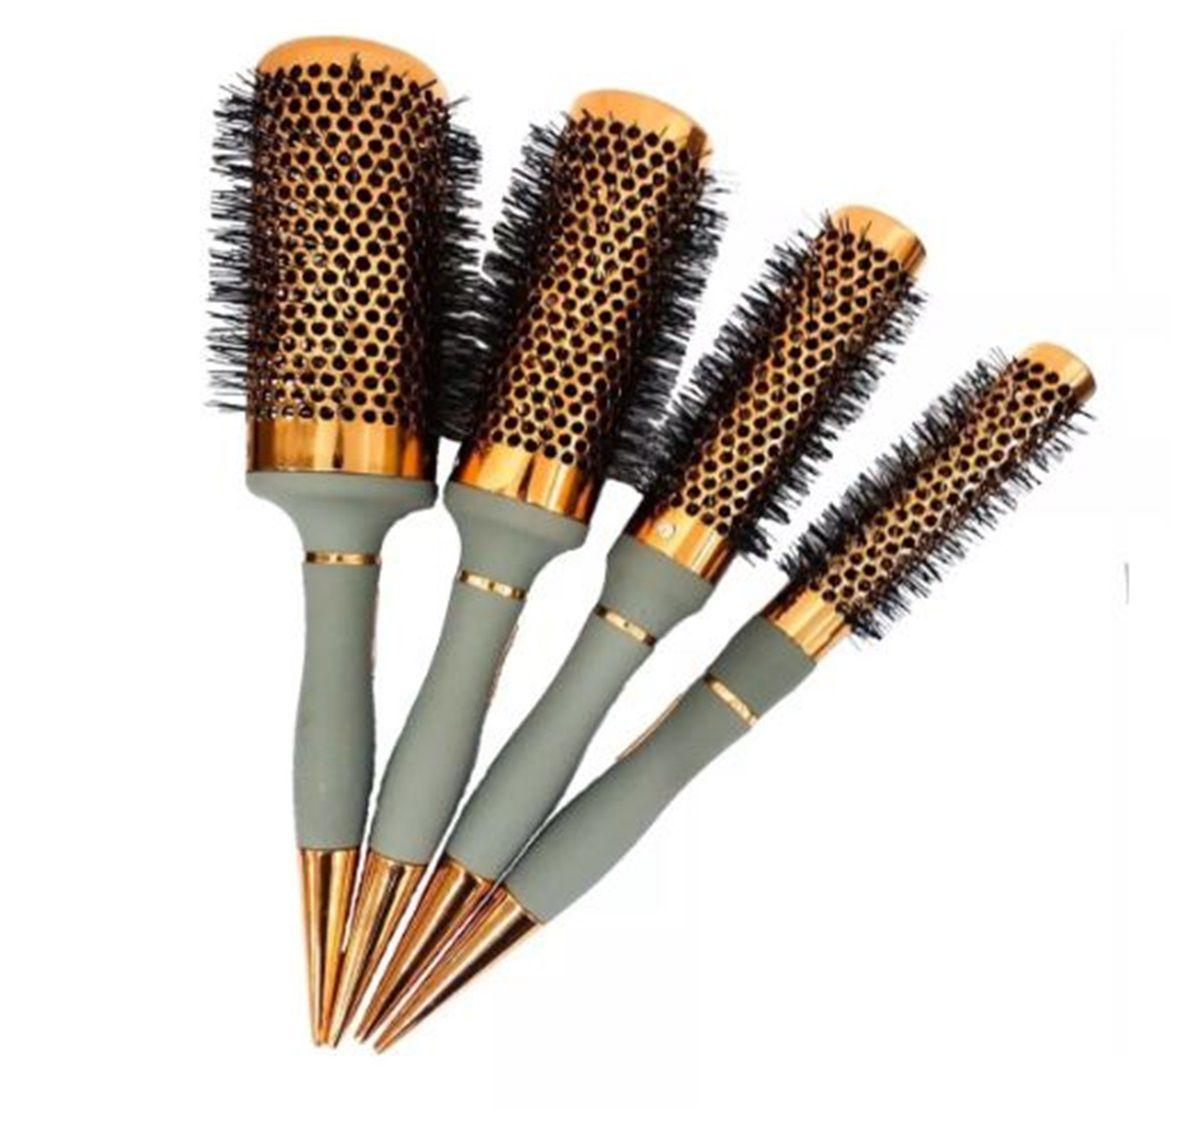 Kit 4 Escovas Vazada Térmica Cerâmica Hairdo Cabeleireiro Profissionais